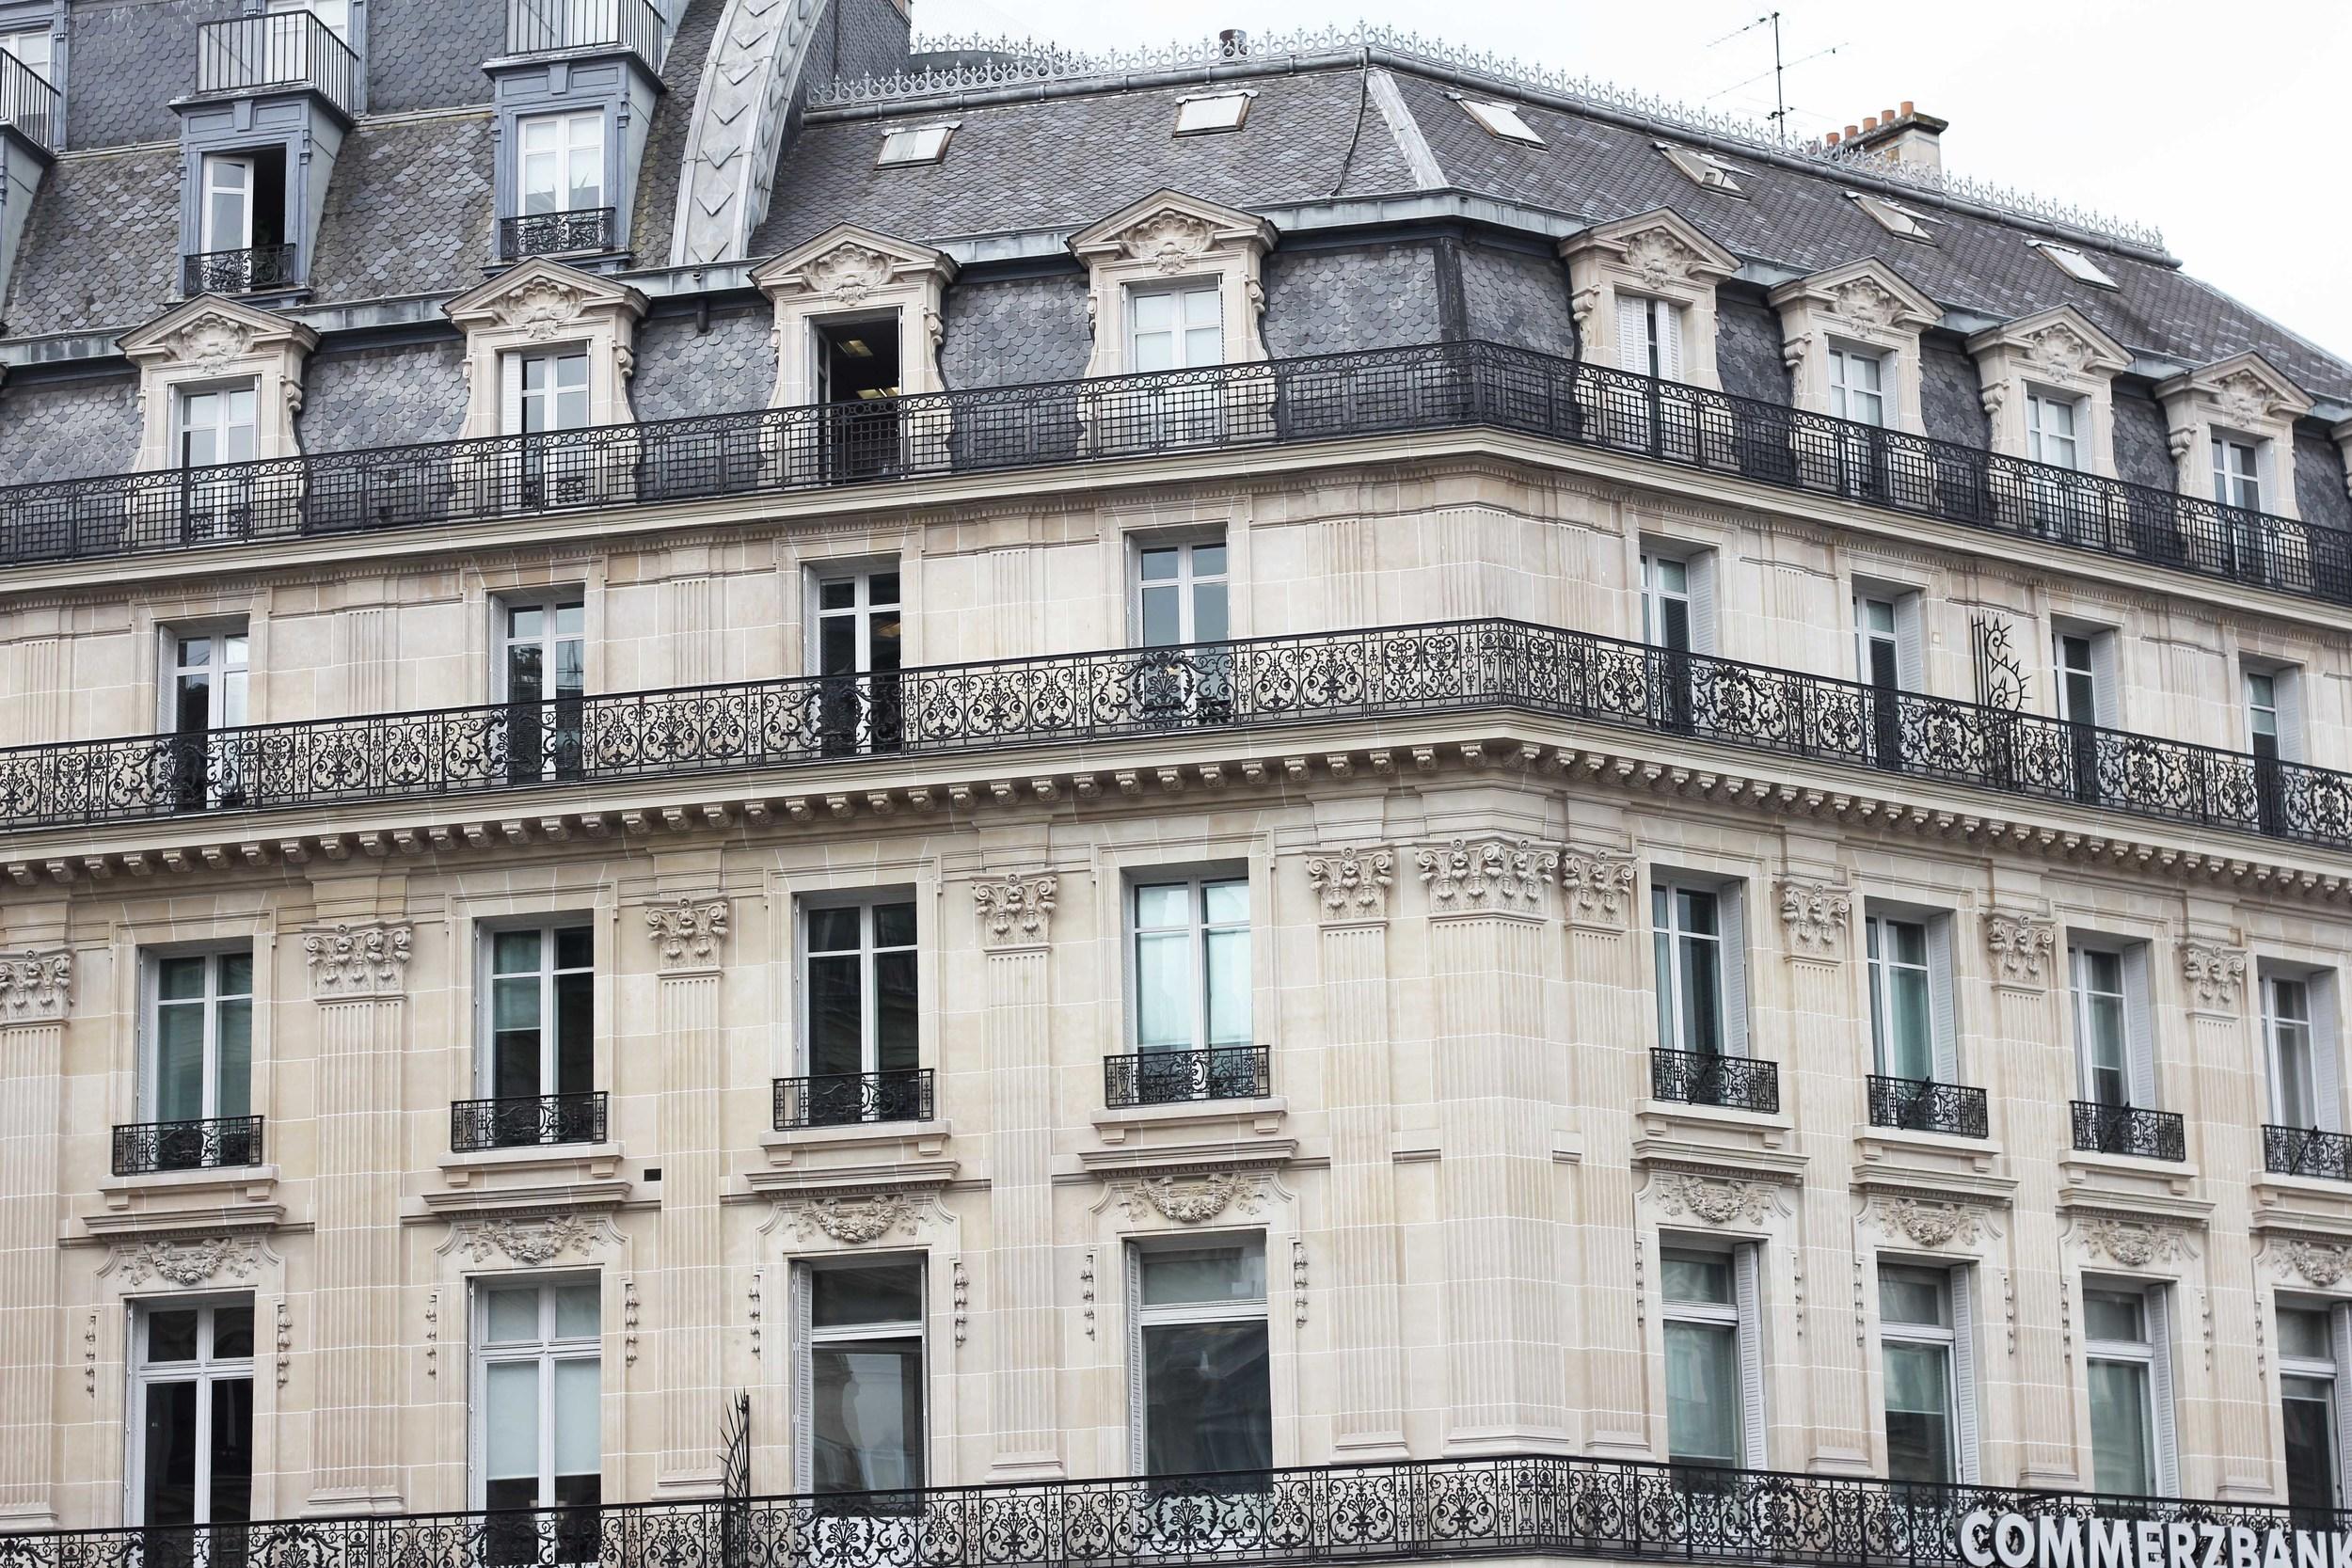 paris_france_rooftops